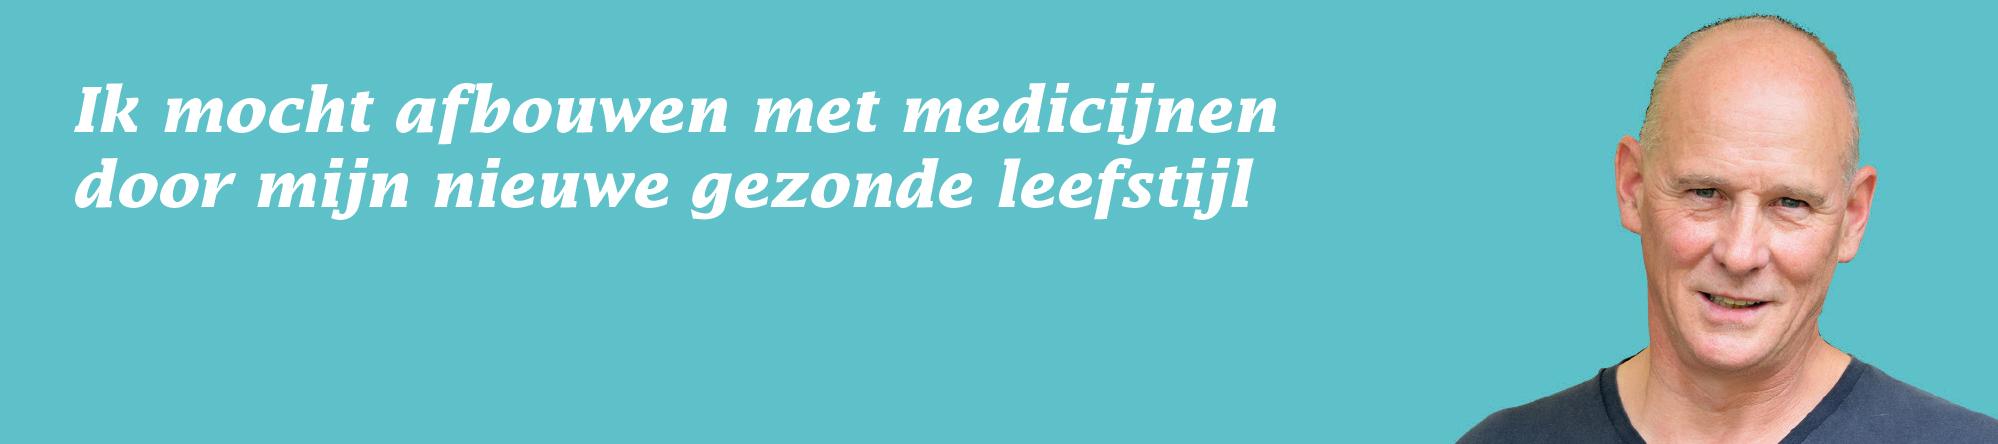 http://de-dietist.nl/wp-content/uploads/2016/09/de-dietist-quote-francois.jpg